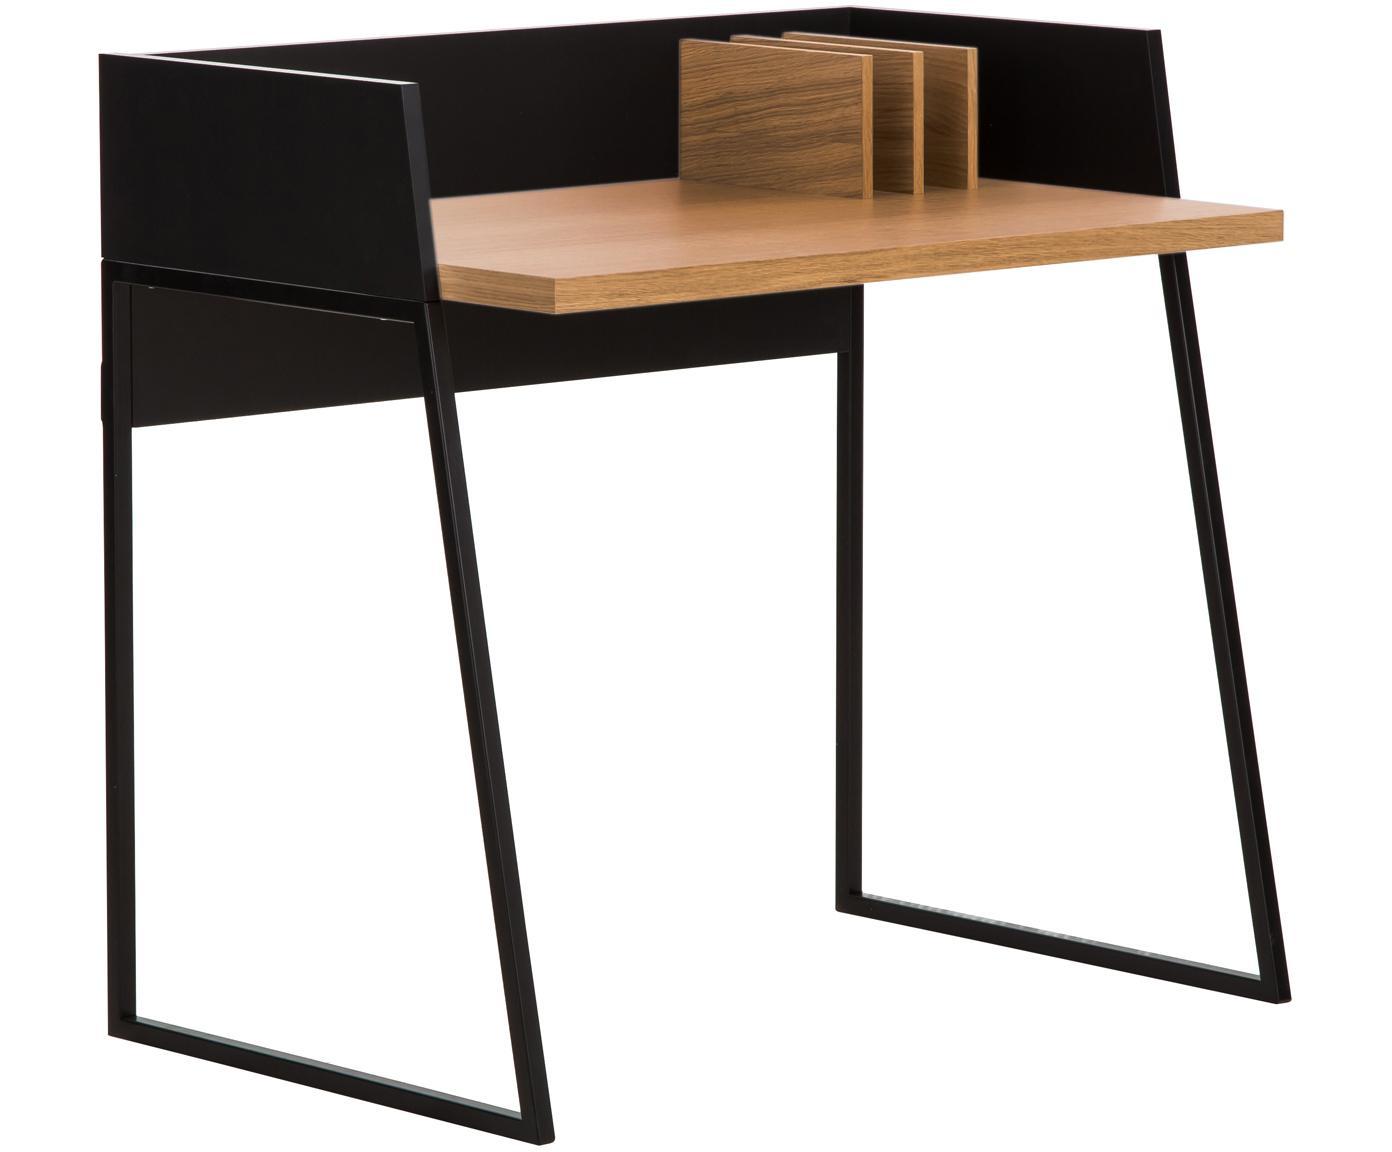 Małe biurko z przedziałami Camille, Korpus: płyta pilśniowa (MDF), la, Nogi: metal lakierowany, Drewno dębowe, czarny, S 90 x G 60 cm